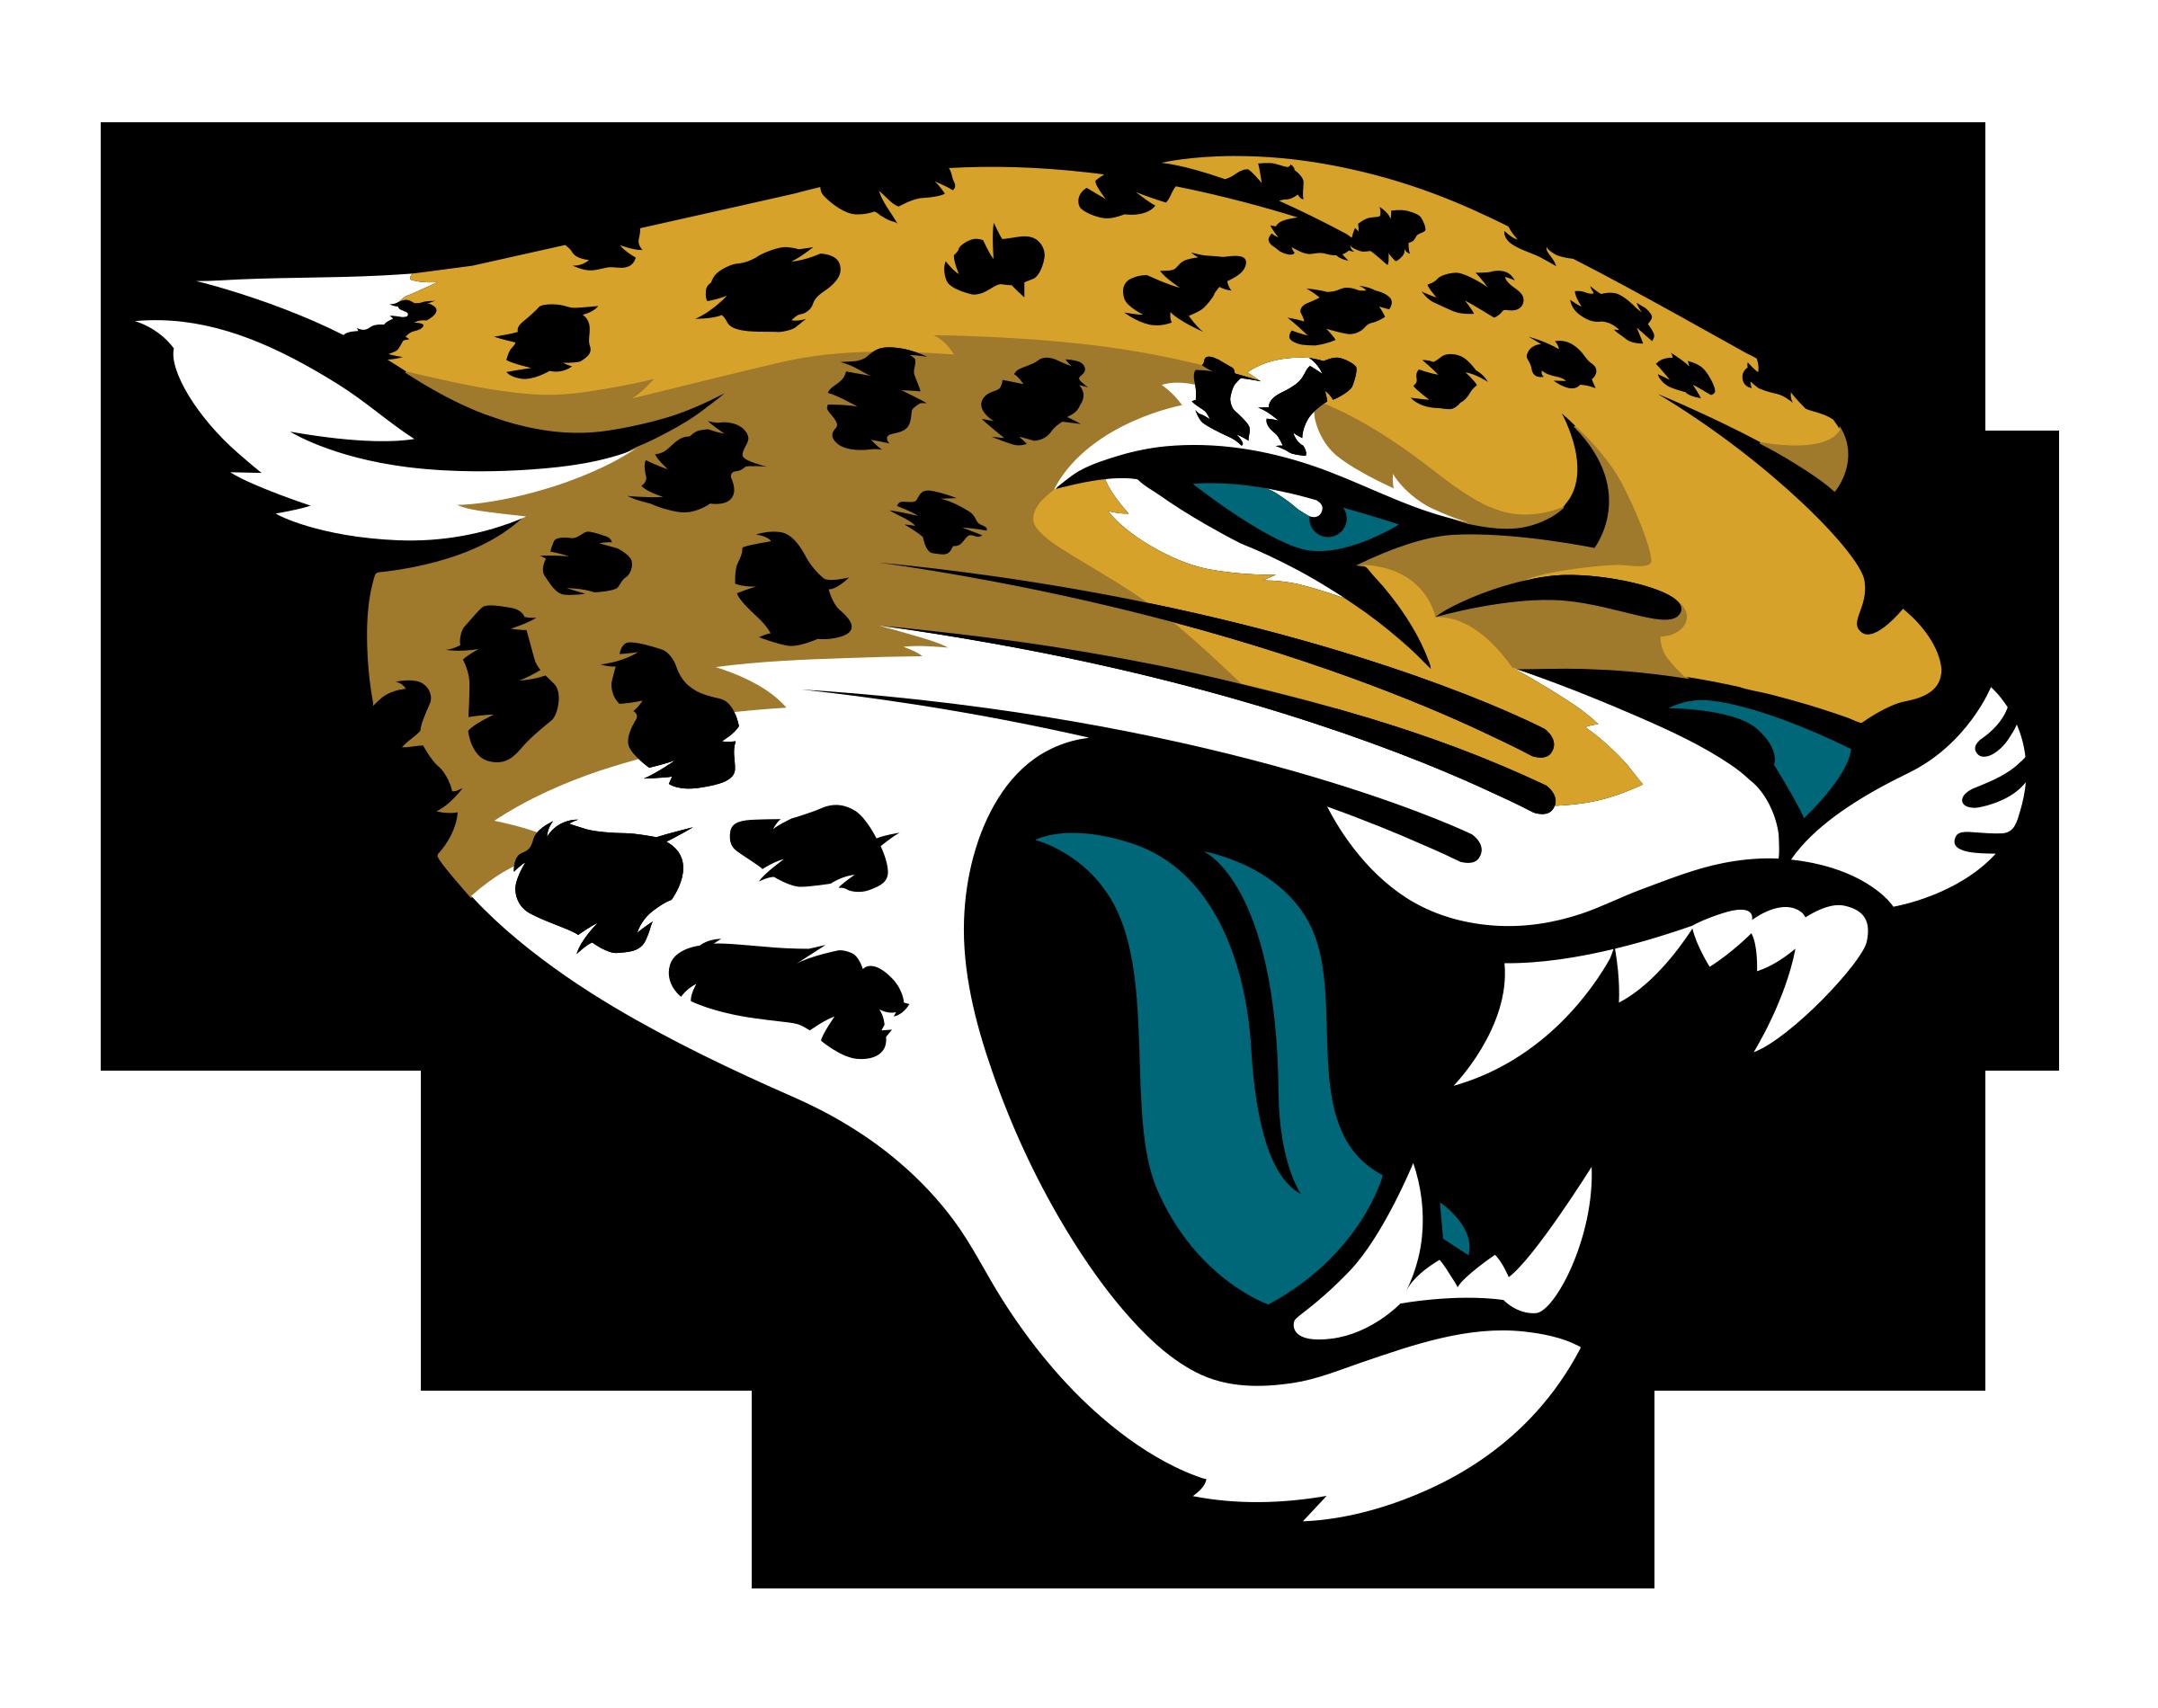 Jacksonville Jaguars logo transparent - Jacksonville Jaguars Logo PNG